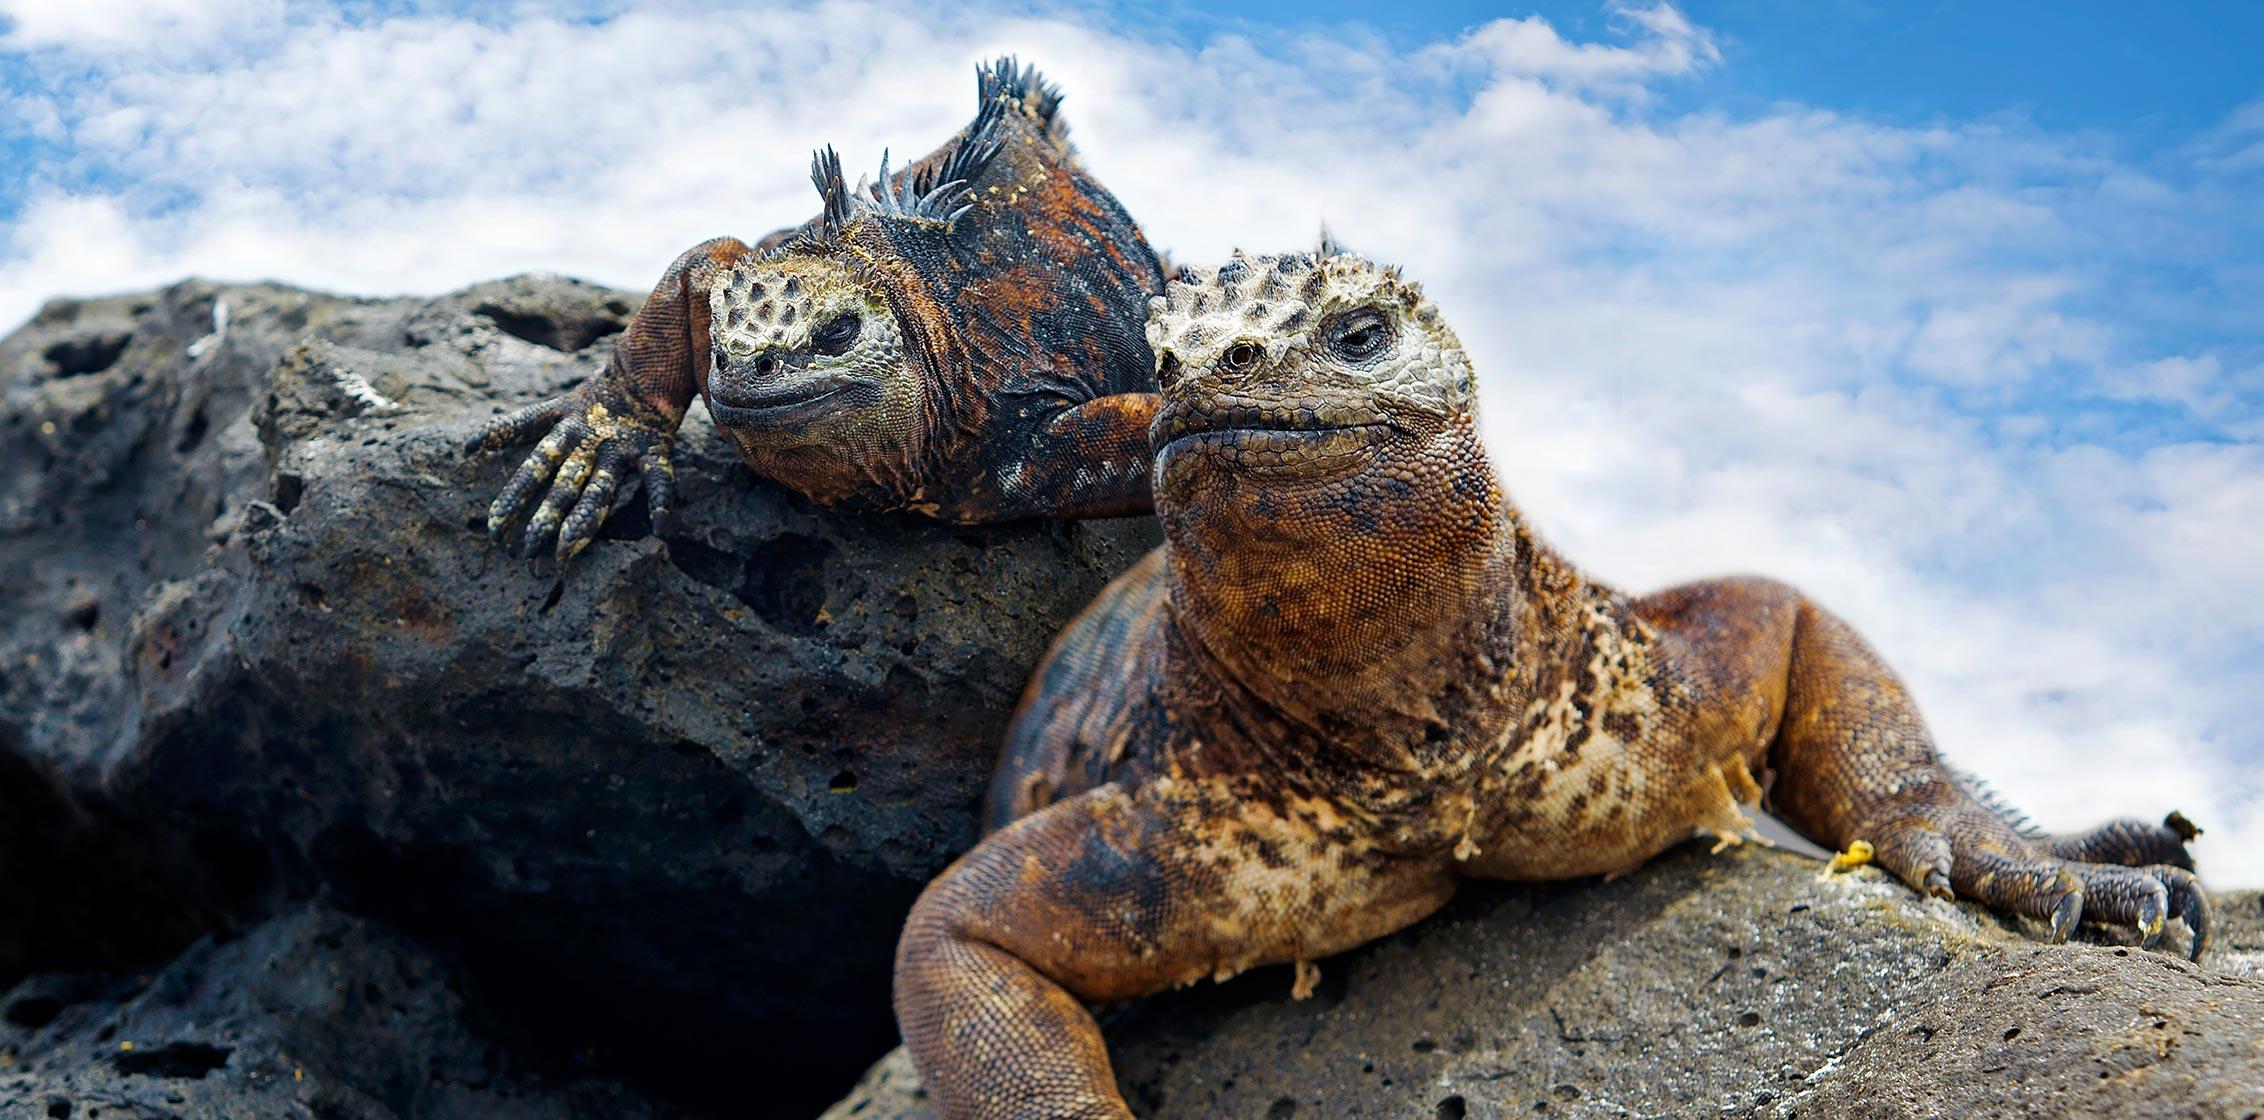 Galapagos, Marine Iguans